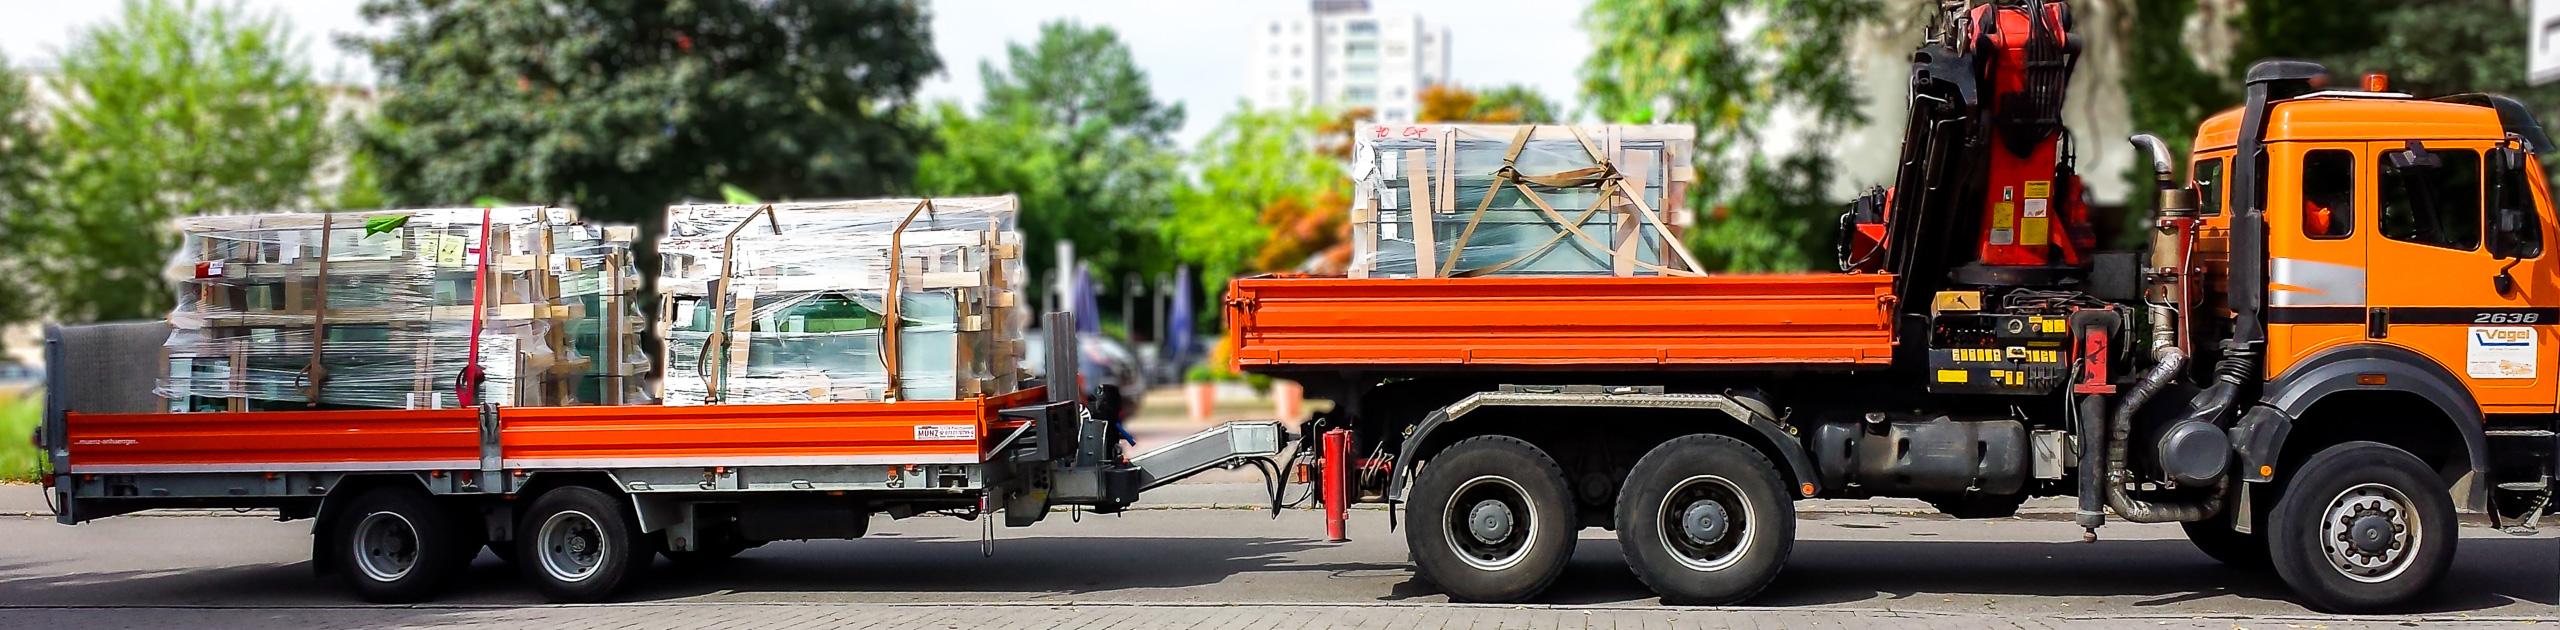 Transportfahrzeug mit Palfinger Ladekran